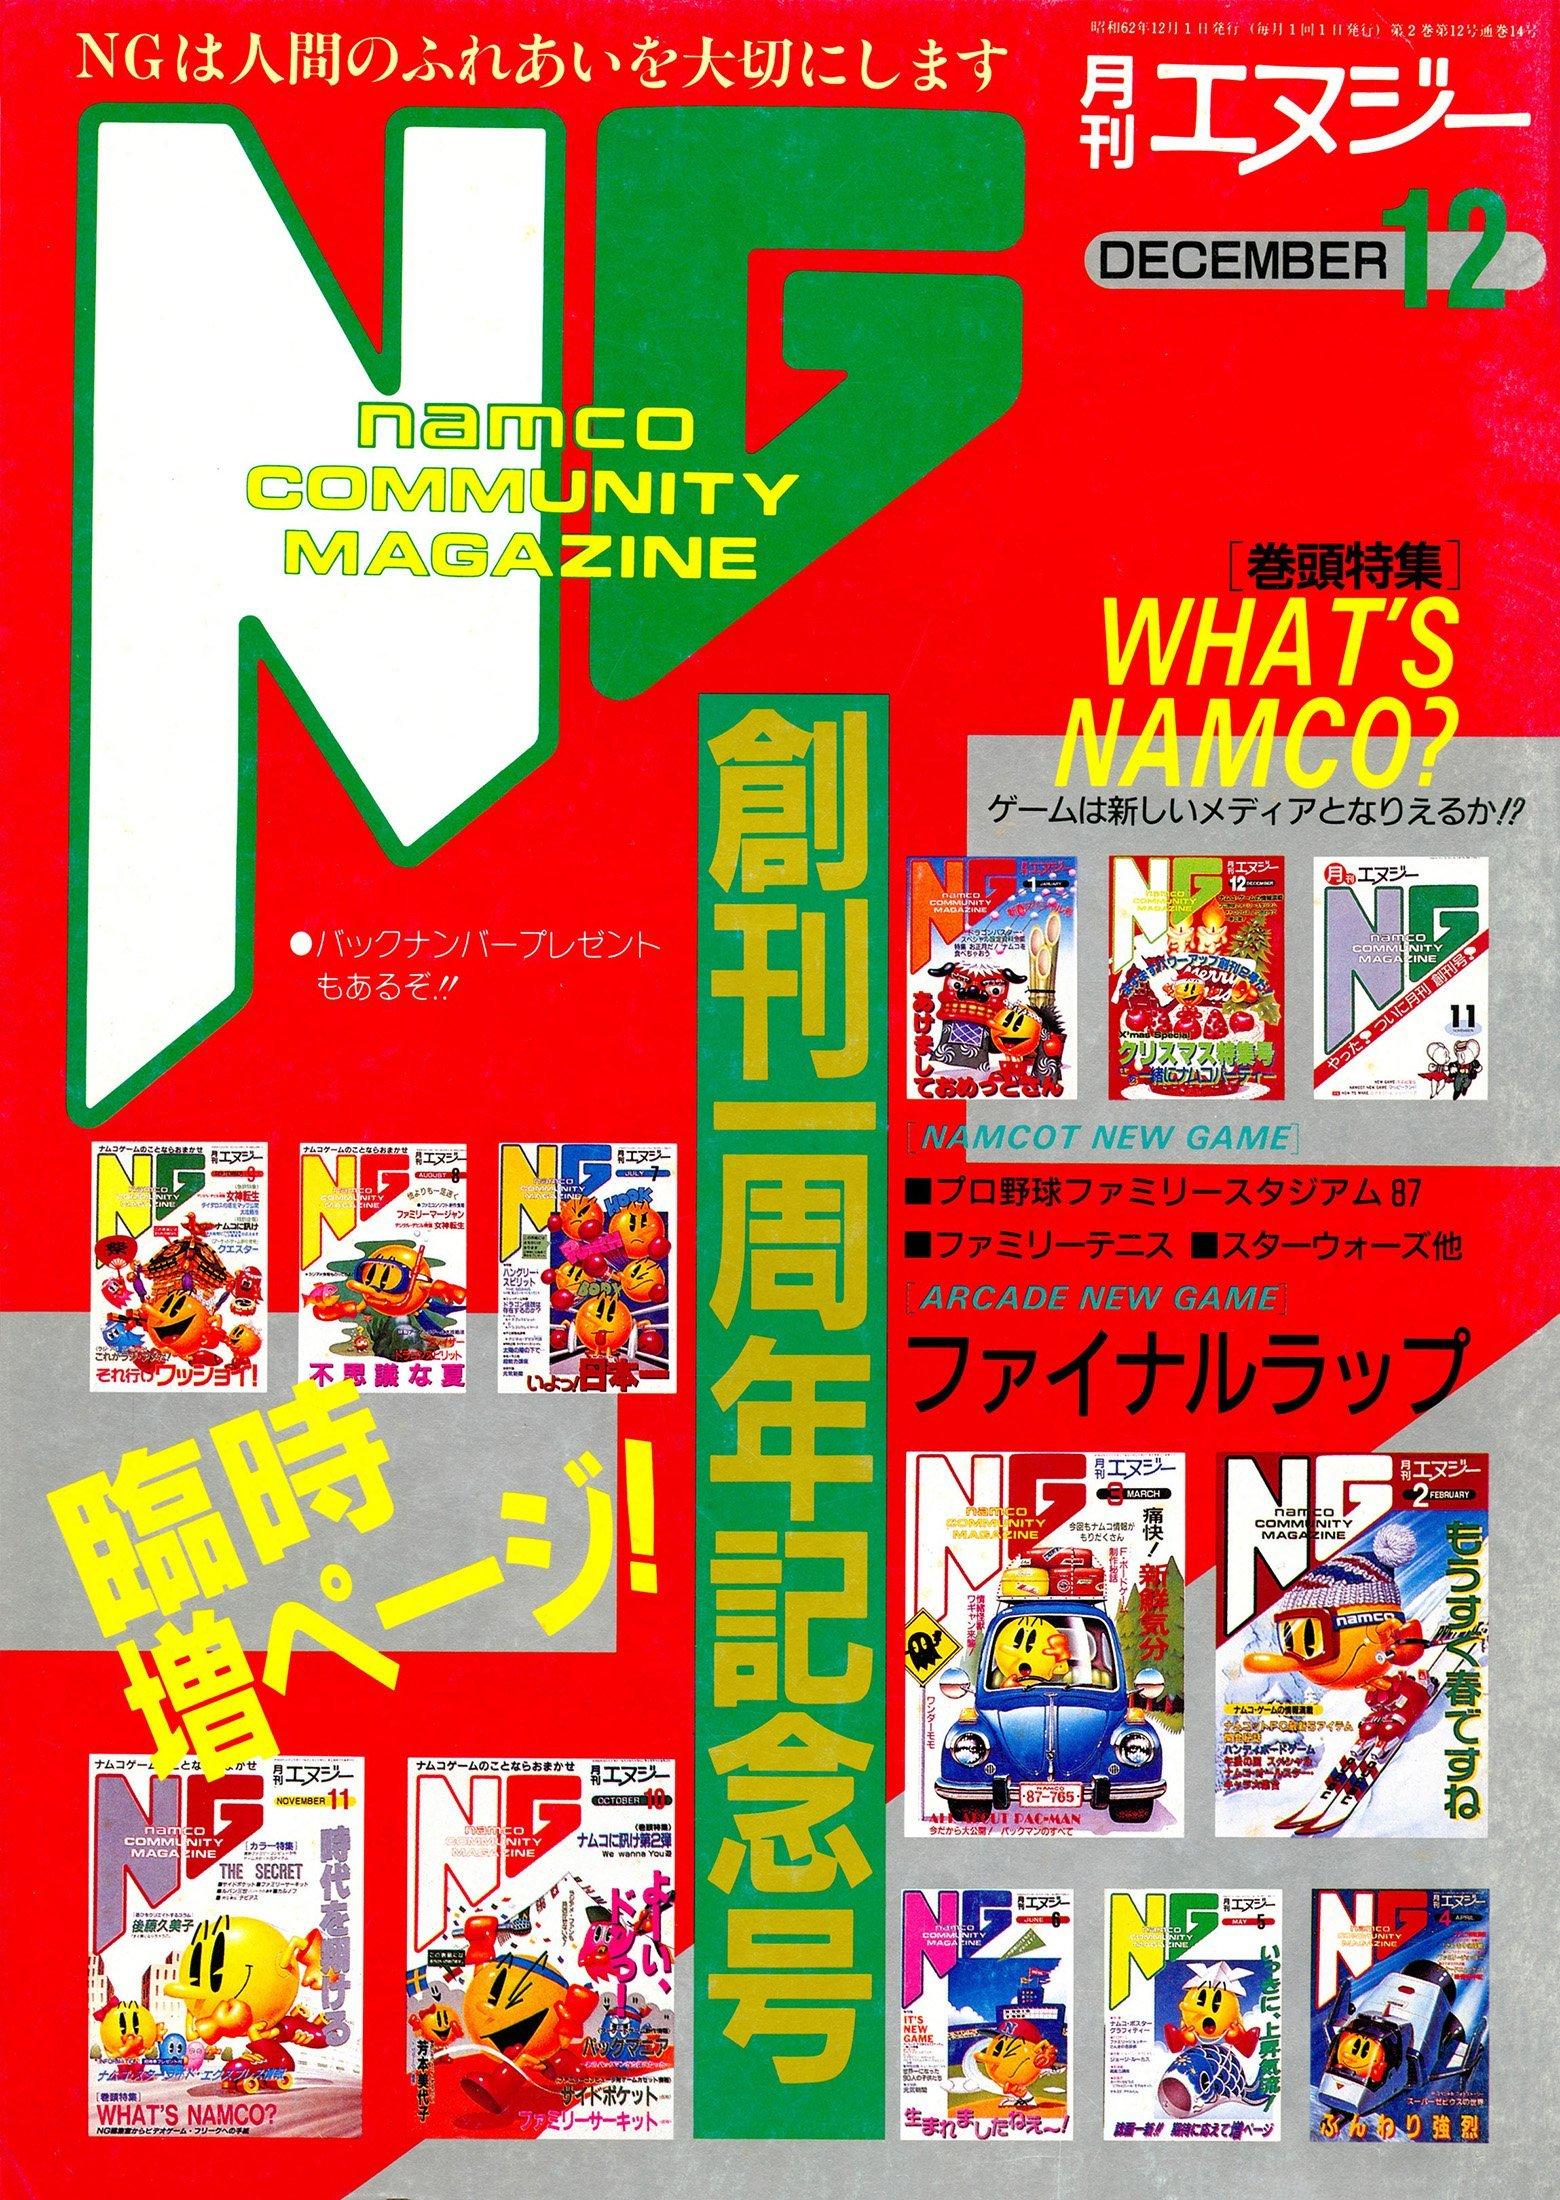 large.1202744076_NGNamcoCommunityMagazine(MonthlyIssue14)-December1987.jpg